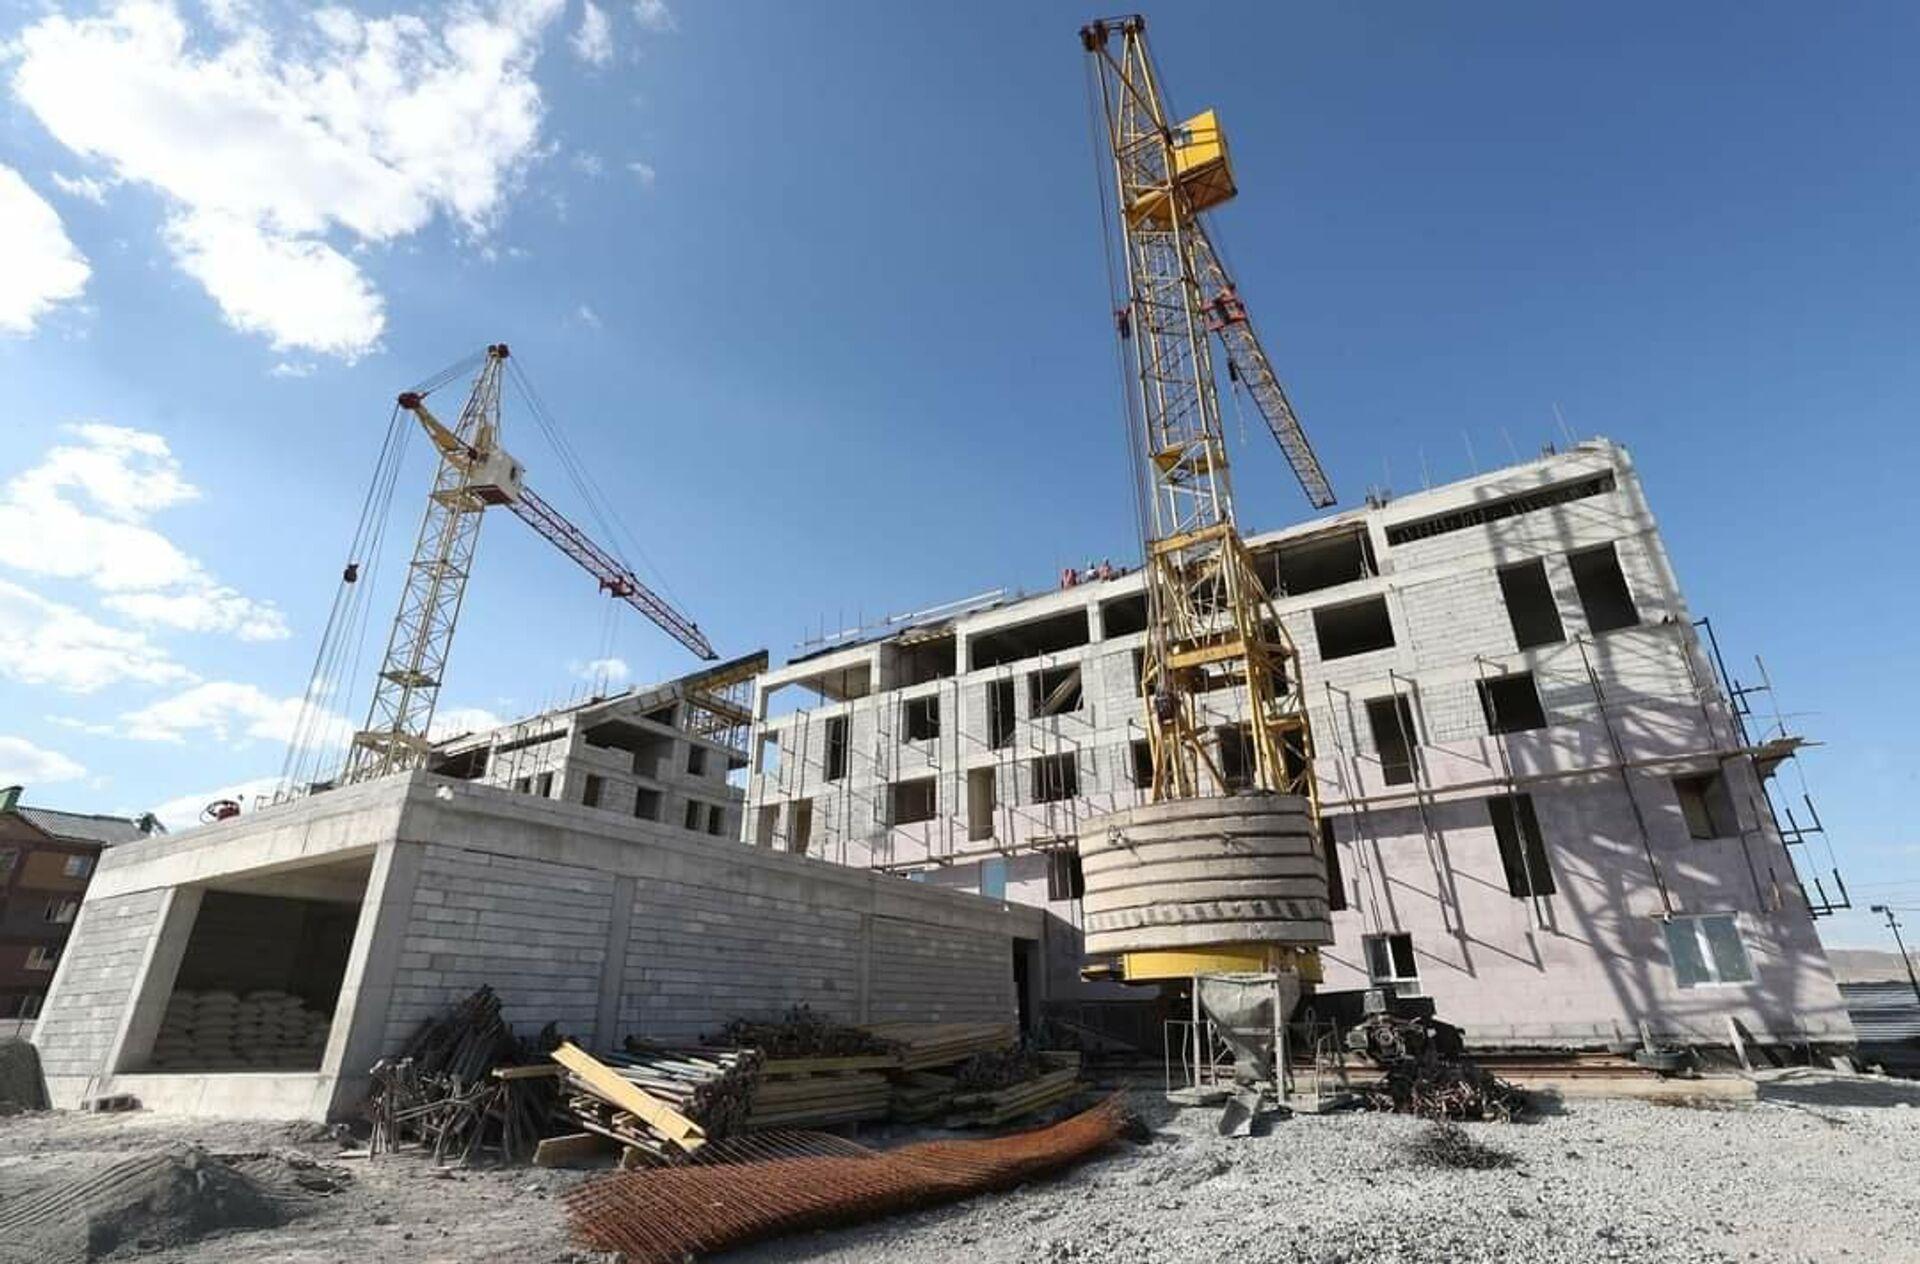 Всеармянский фонд Айастан строит многоквартирные жилые здания и детский сад в районе Муш в Гюмри. - Sputnik Արմենիա, 1920, 19.09.2021